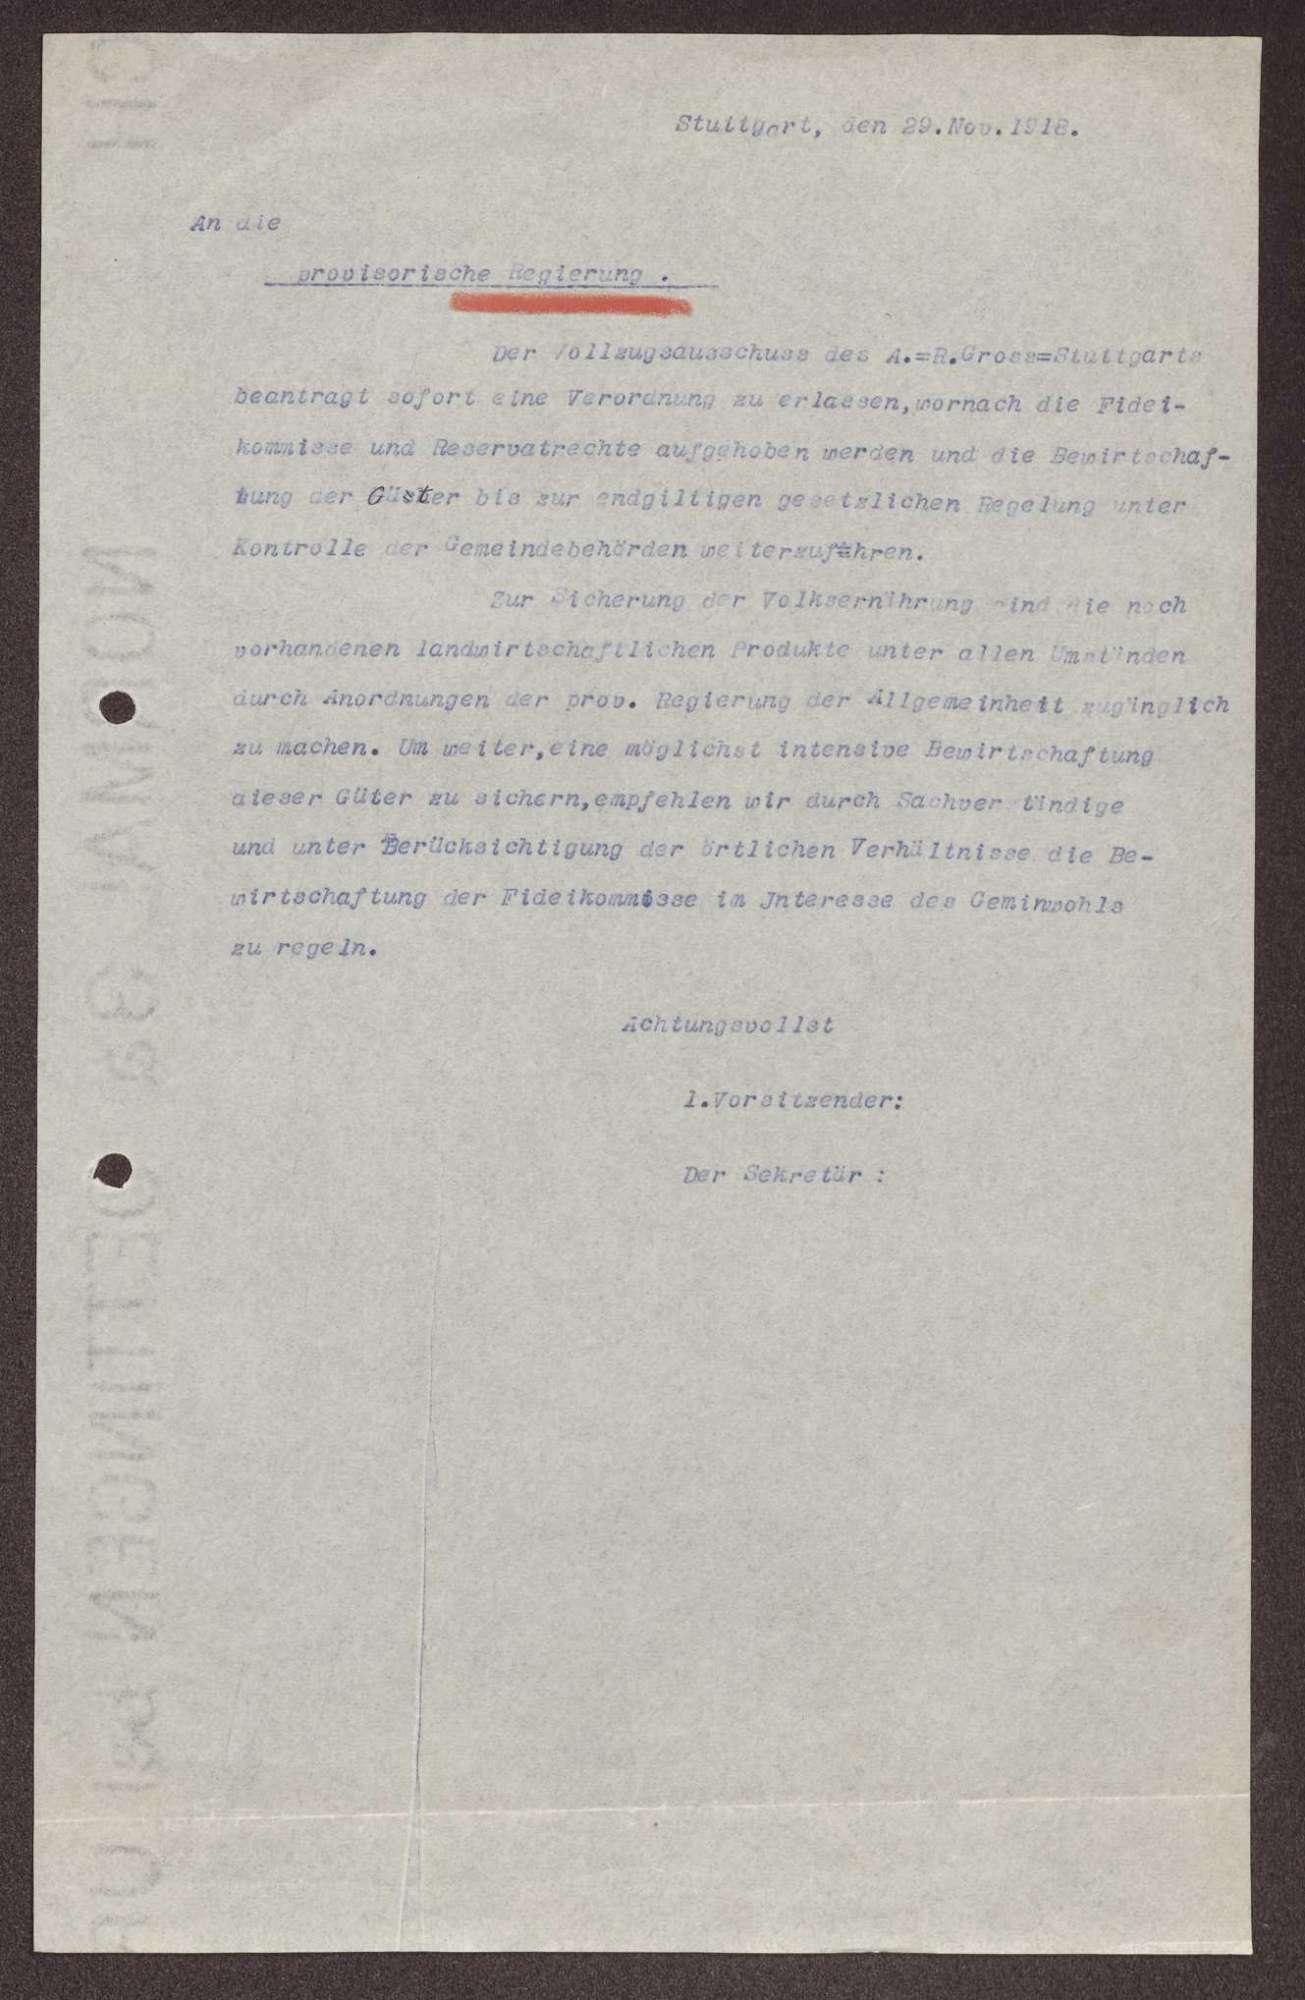 Aufhebung der Fideikommisse, Bild 1